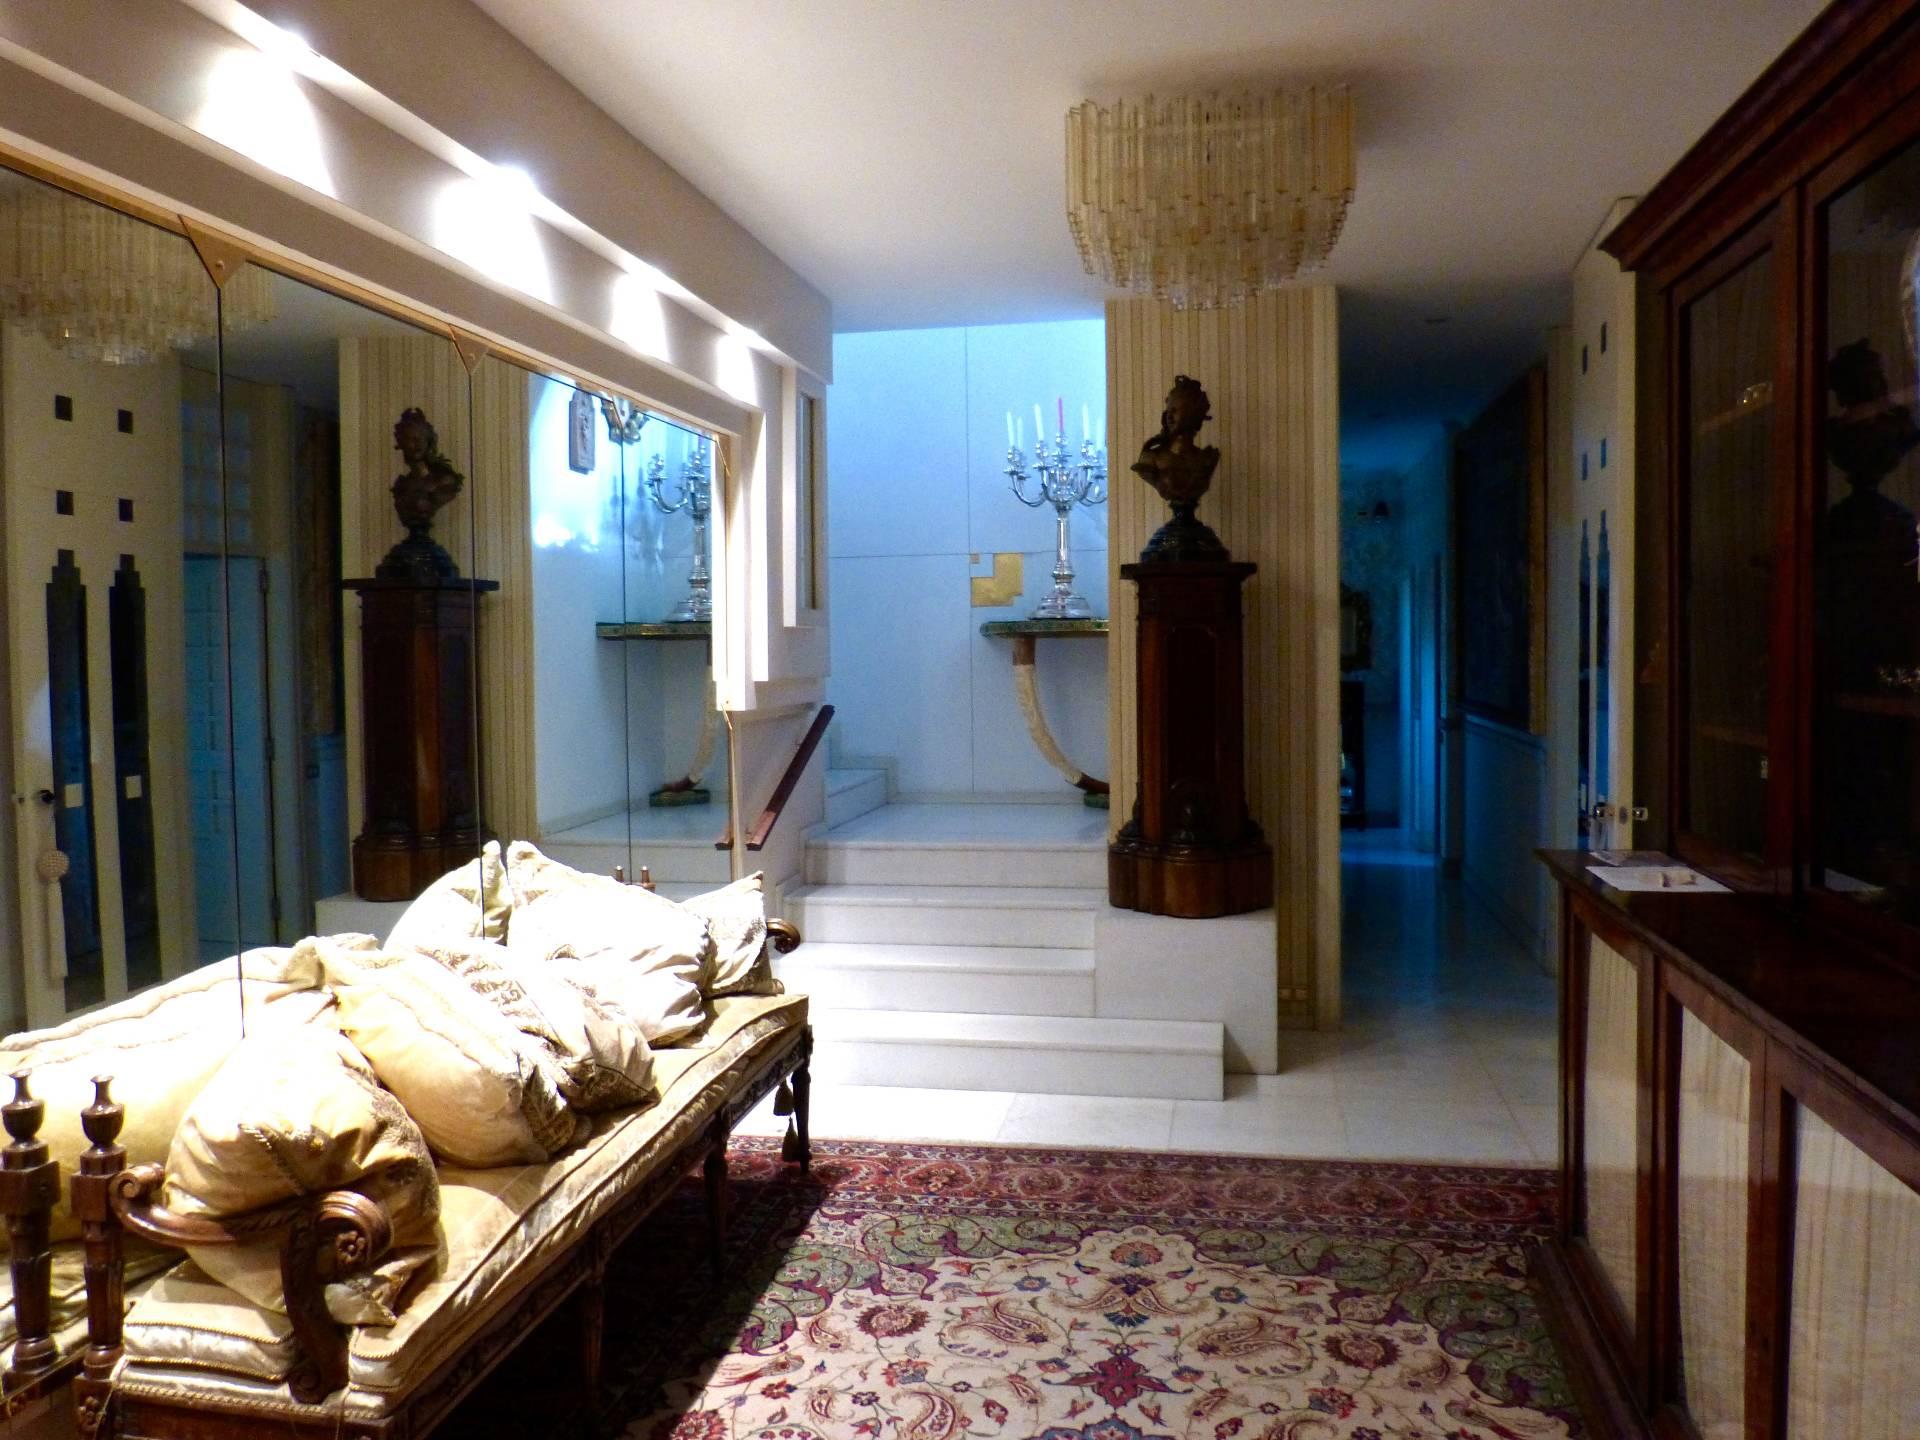 Spazio Vitale Studio Immobiliare vendita case bologna, quartiere marconi - raccoltacase.it